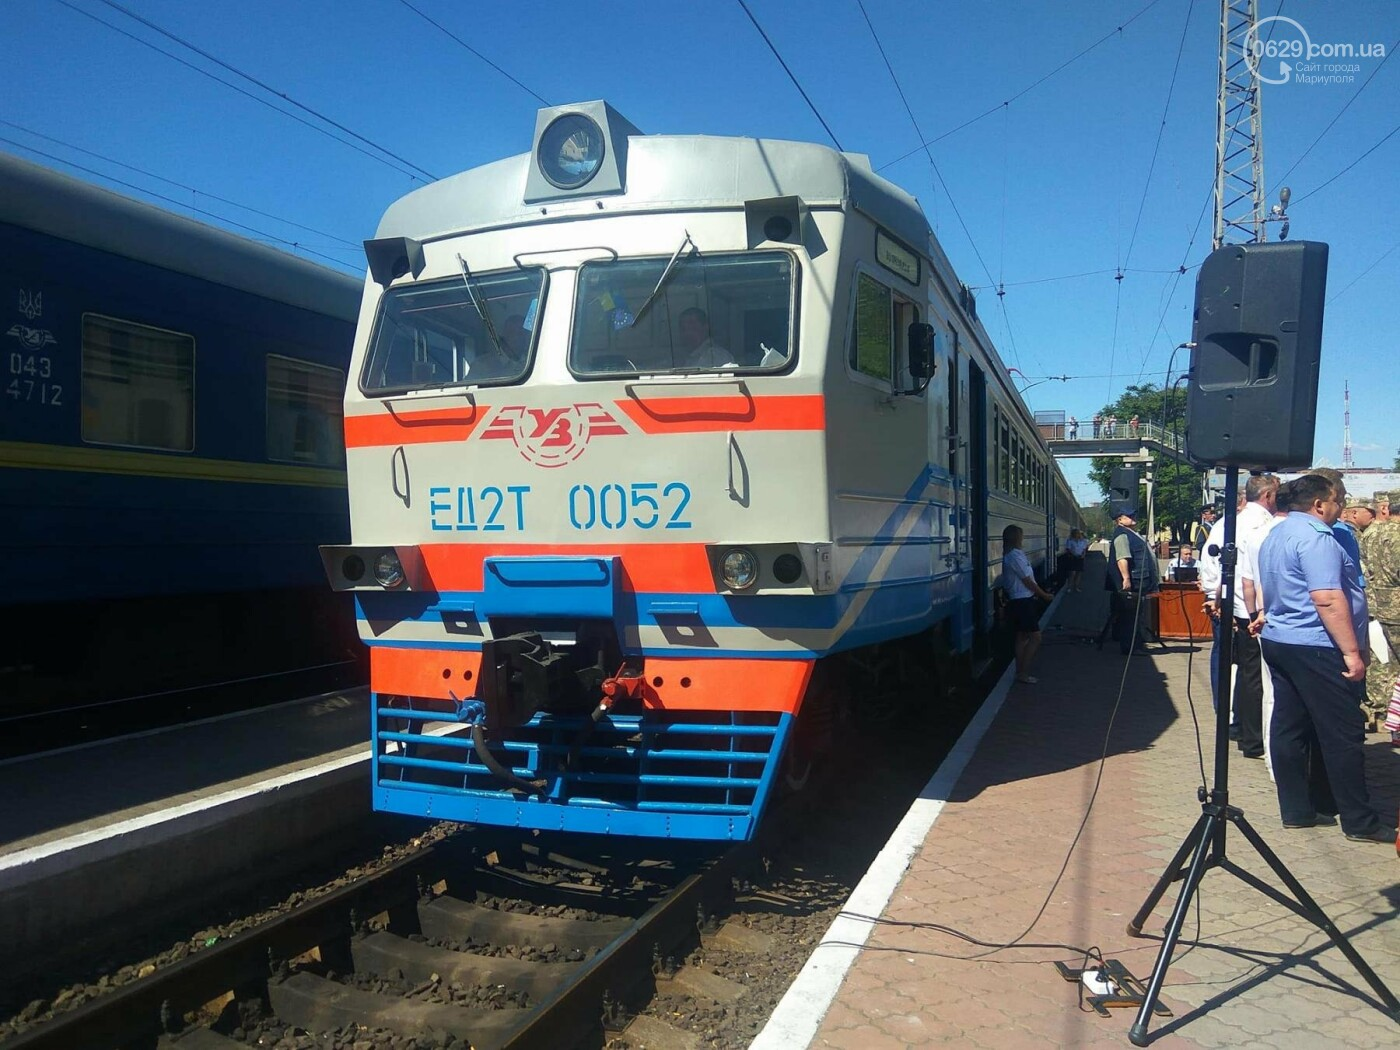 Из Мариуполя в Волноваху запустили пригородные электрички, - ФОТО, ВИДЕО, фото-4